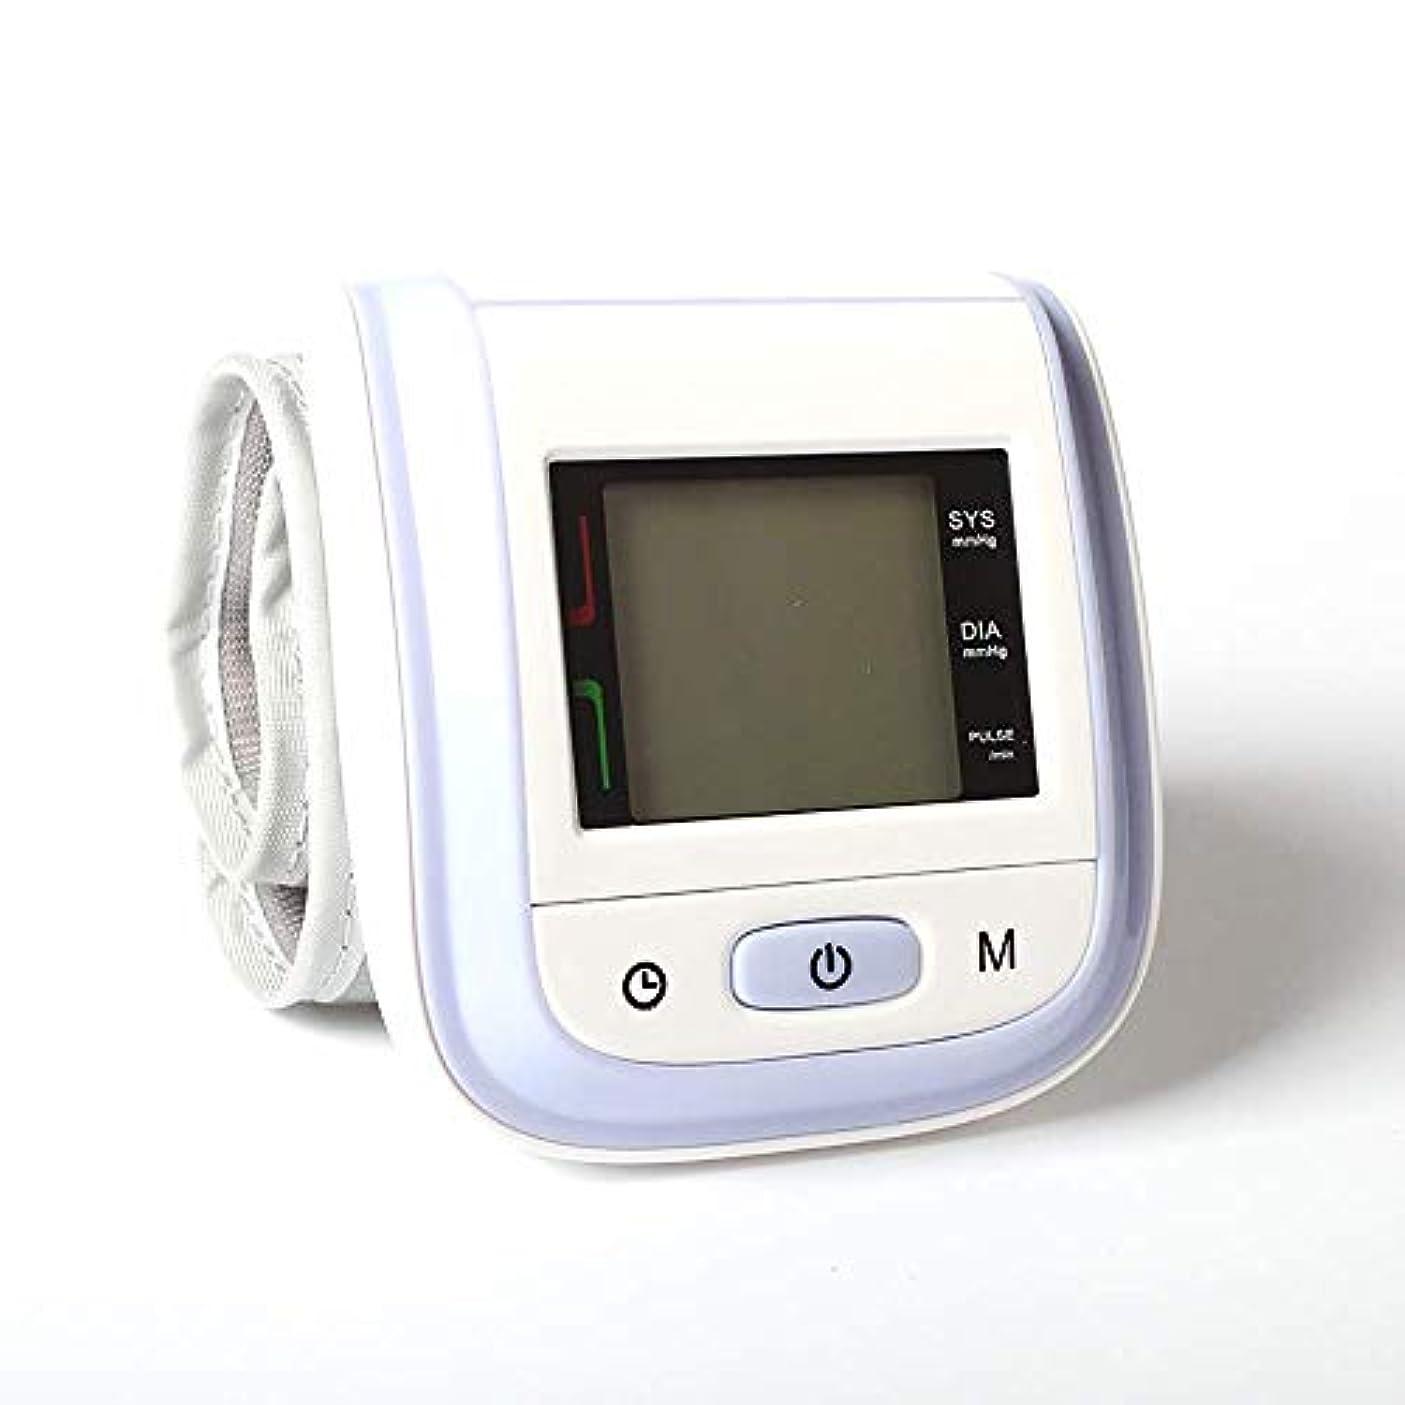 スカート嫌がるご覧ください手首血圧計ポータブル自動デジタル上腕血圧計と2ユーザーモードFDAが家庭での使用を承認